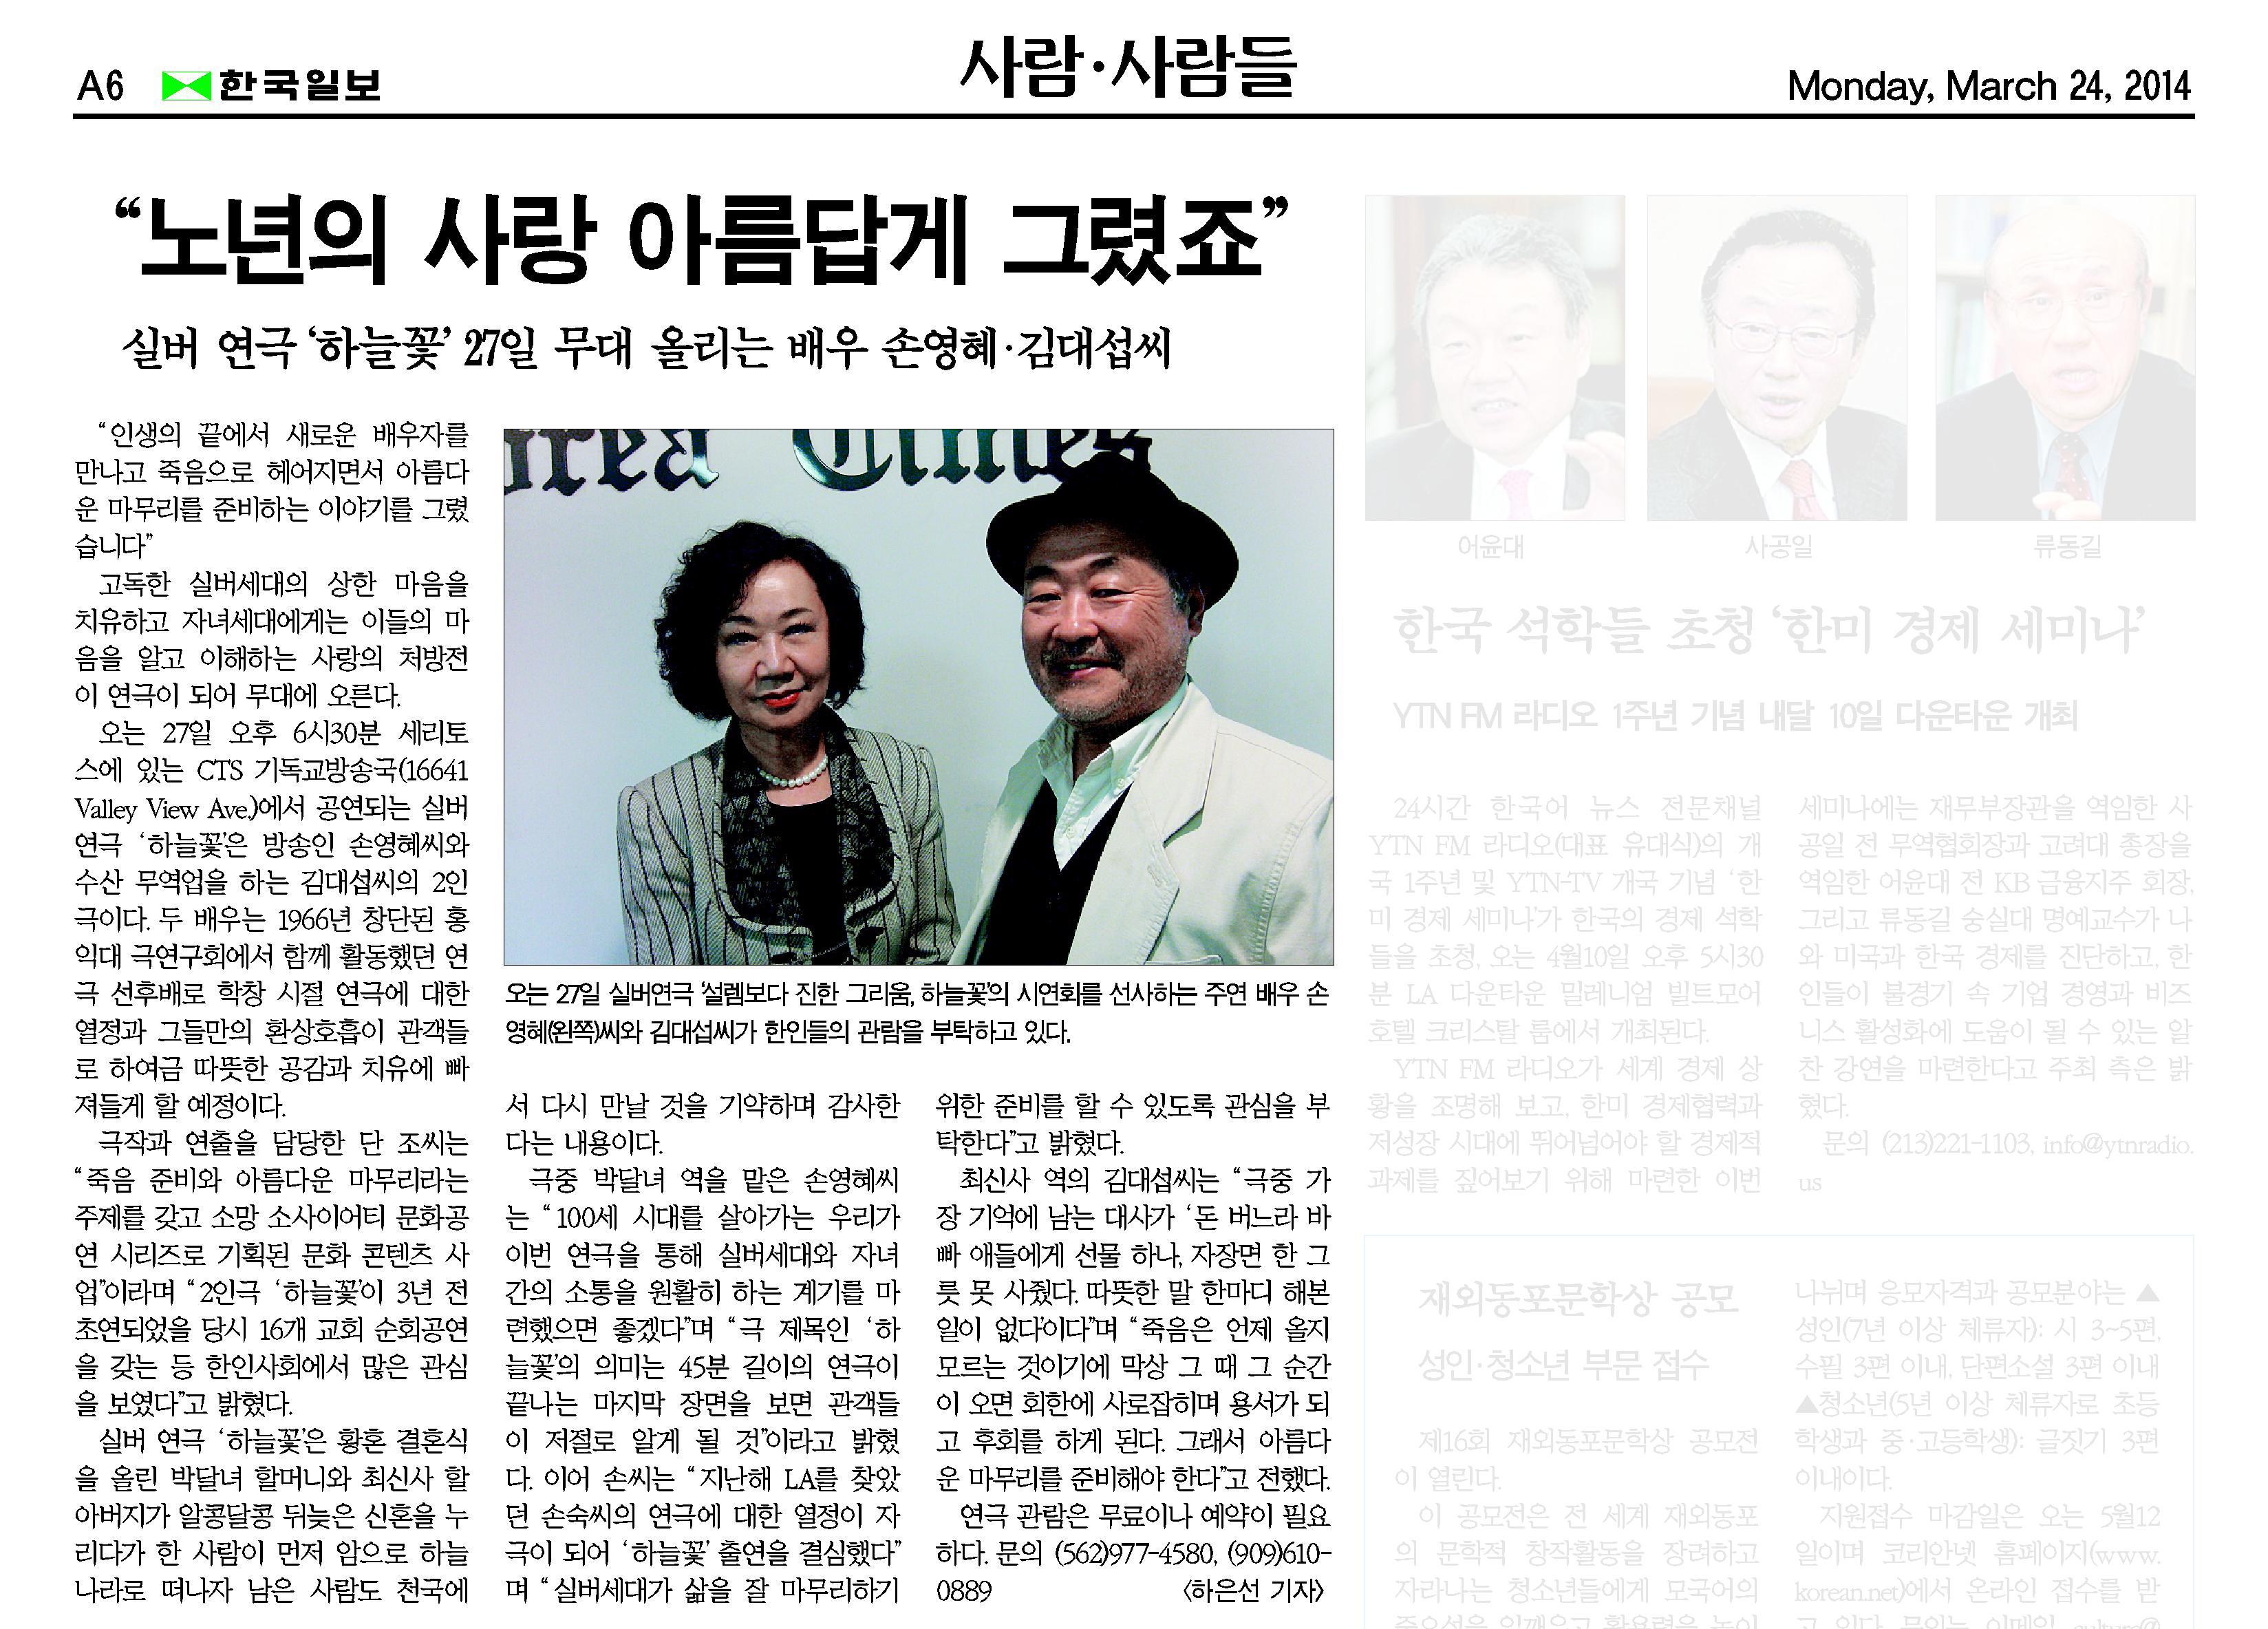 """""""노년의 사랑 아름답게 그렸죠"""" 2014년 3월 24일 한국일보"""